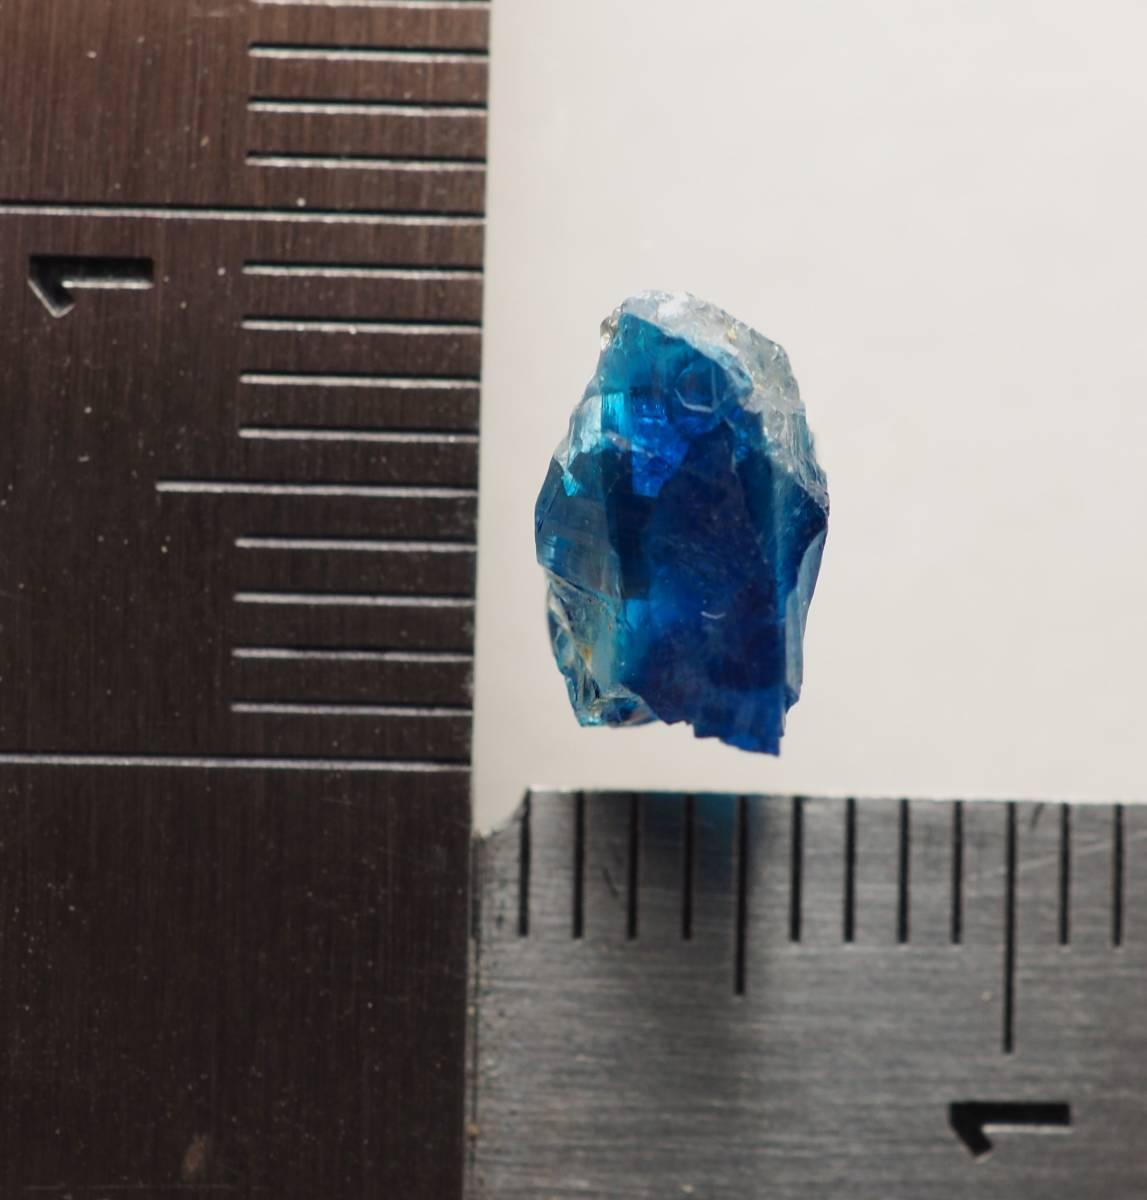 宝石質 ジンバブエ産 ユークレース ハイグレード 深く透明なブルーライン_画像10